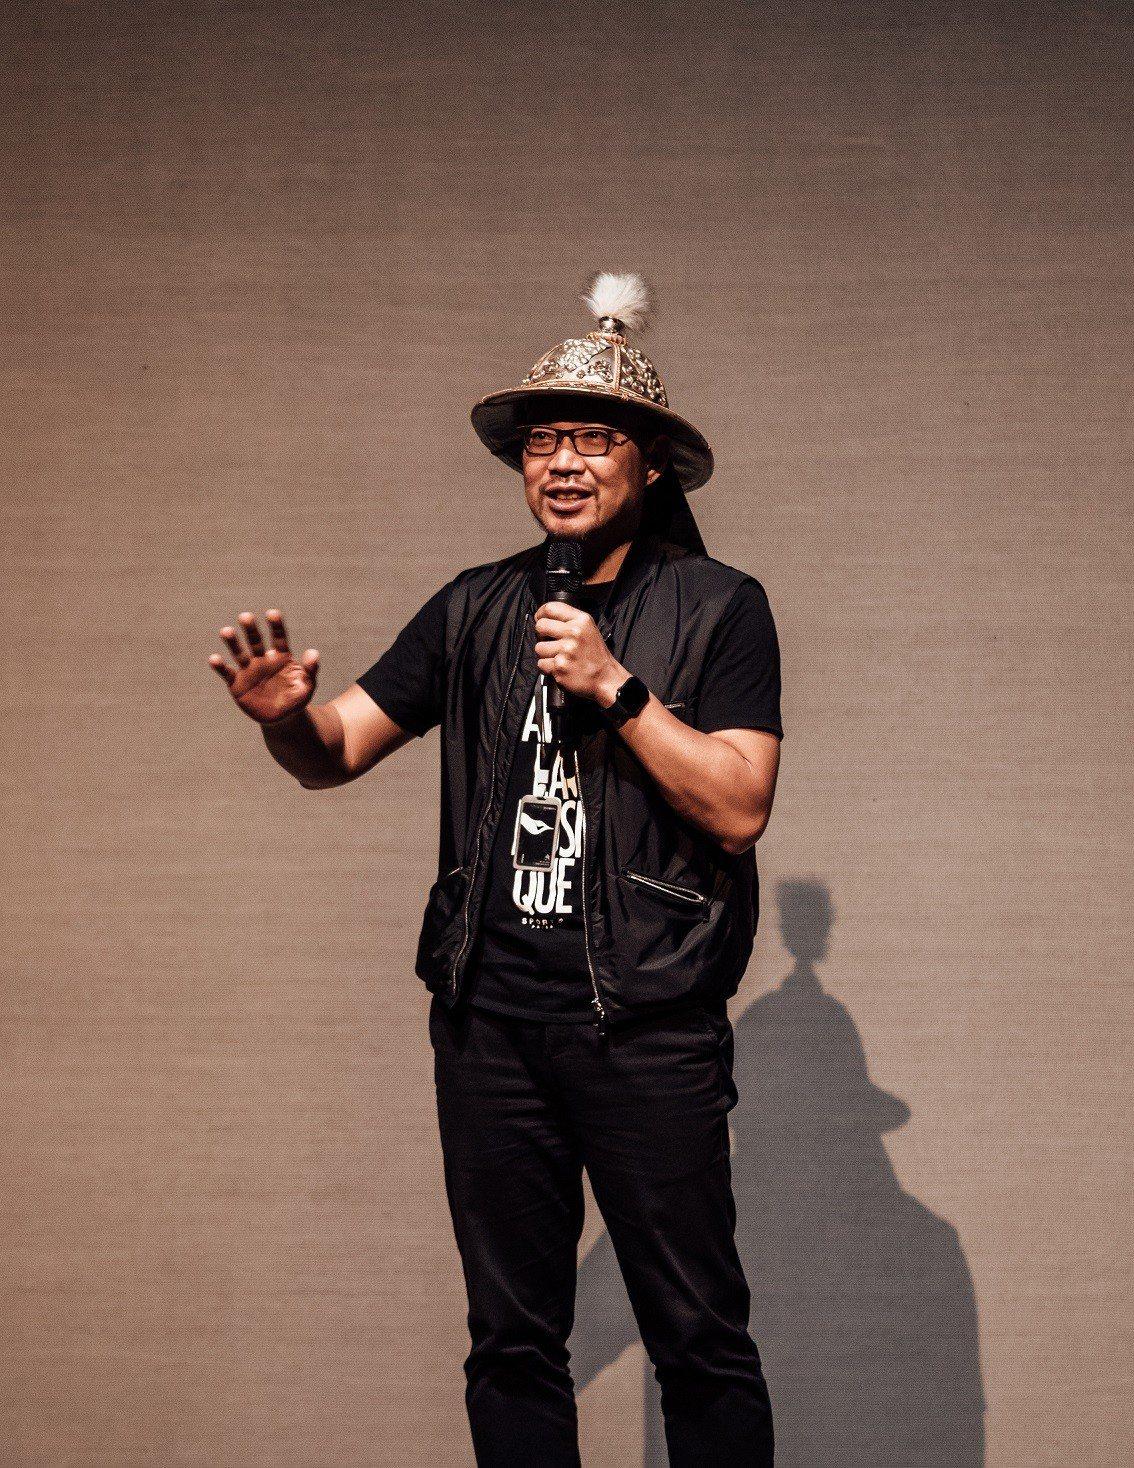 衛武營國家藝術文化中心藝術總監簡文彬表示,這齣《杜蘭朵》證明台灣人才與國際相比絲...